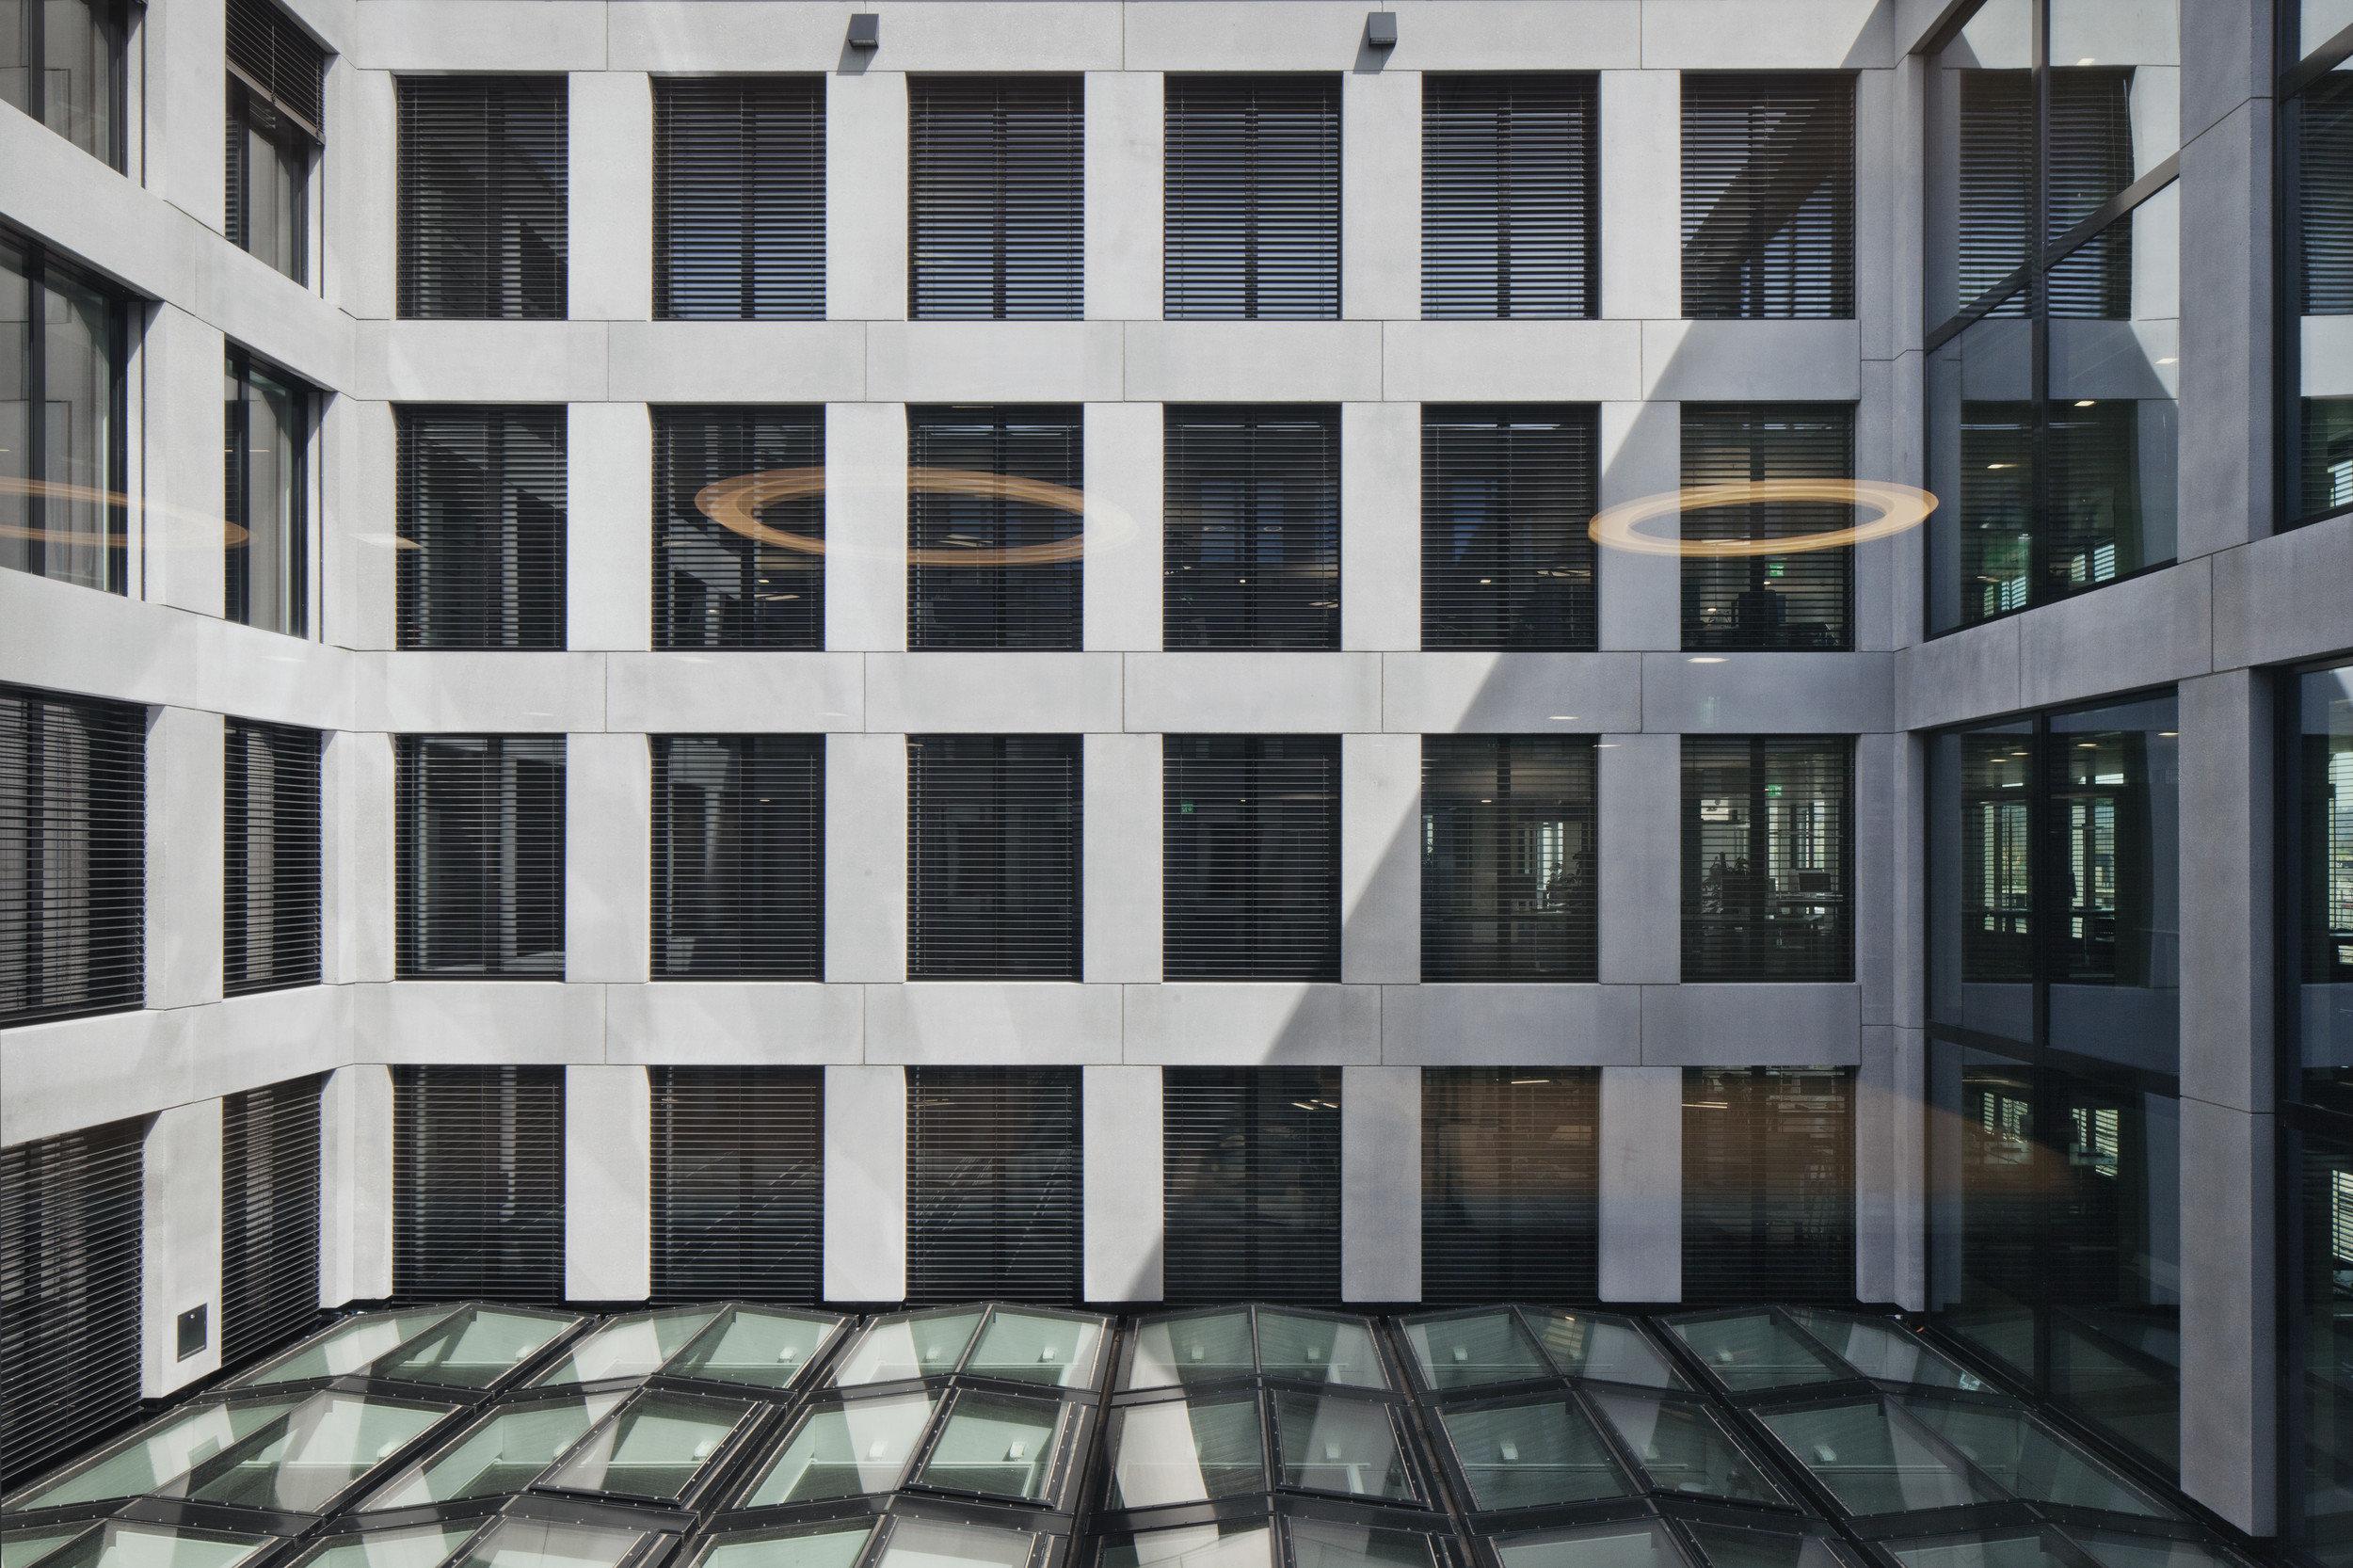 Innenhof Bürogebäude mit grosszügiger Fensteranordnungsfläche